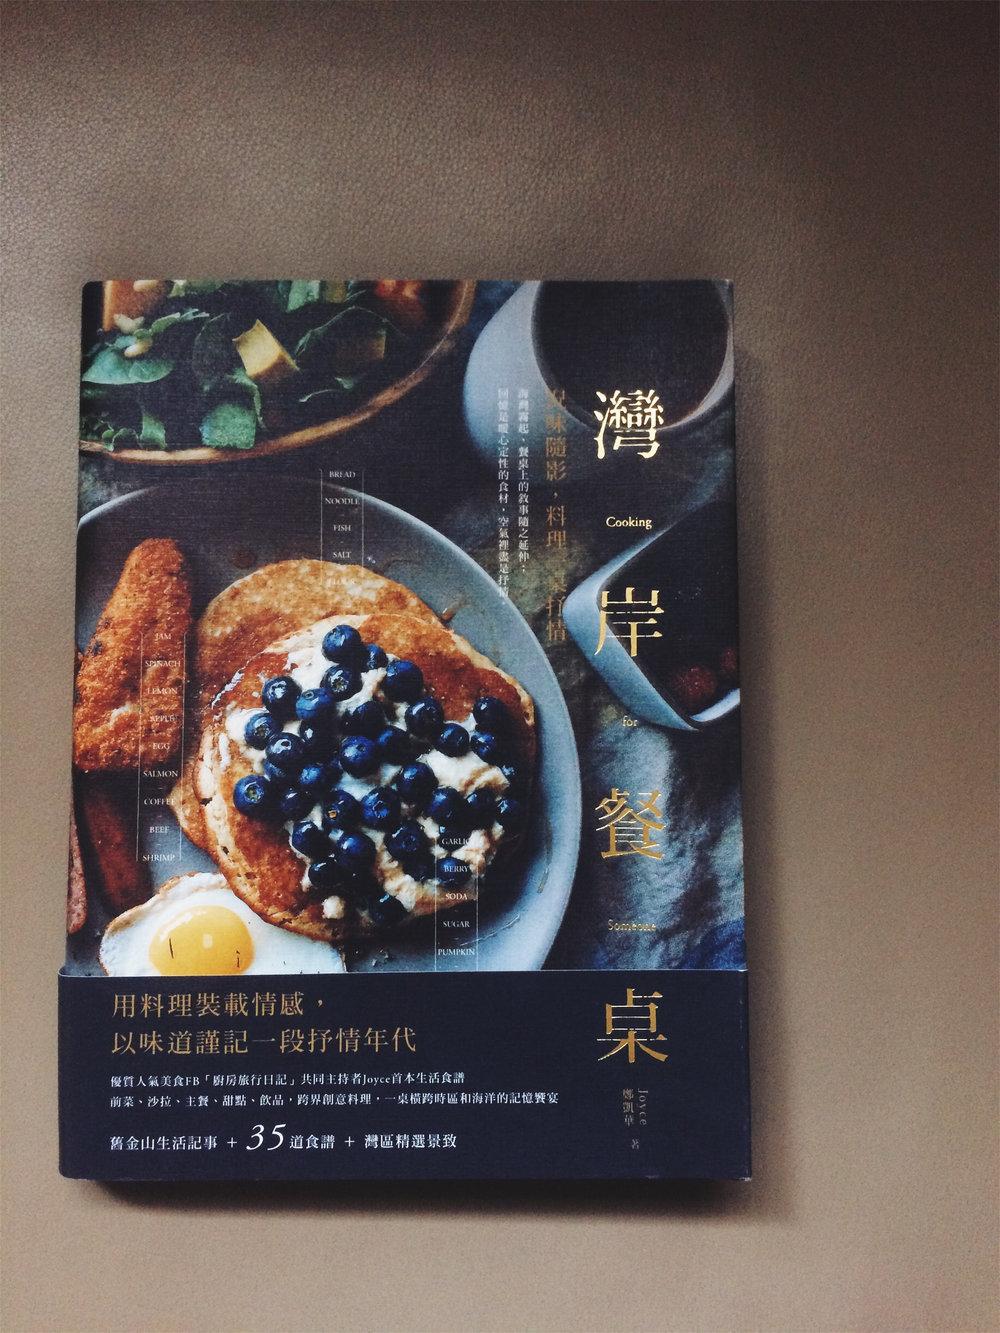 灣岸餐桌:況味隨影,料理一桌抒情